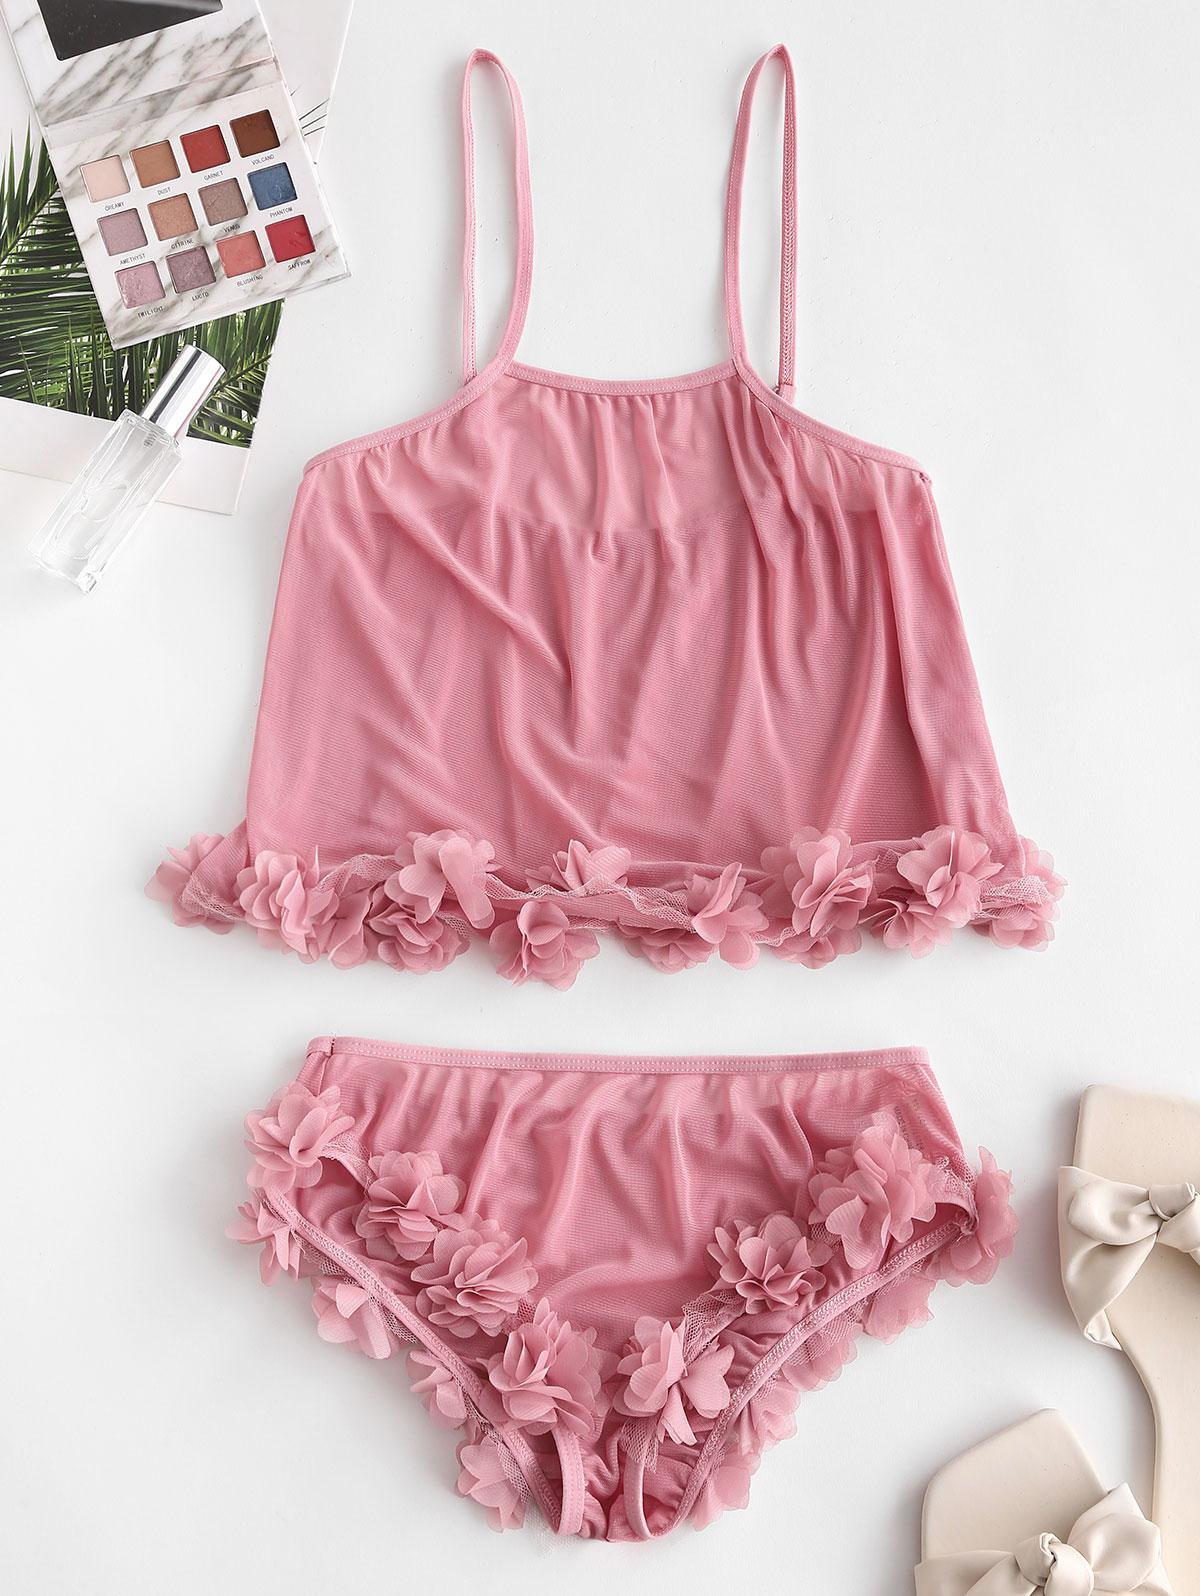 Petals Mesh Pajama Set